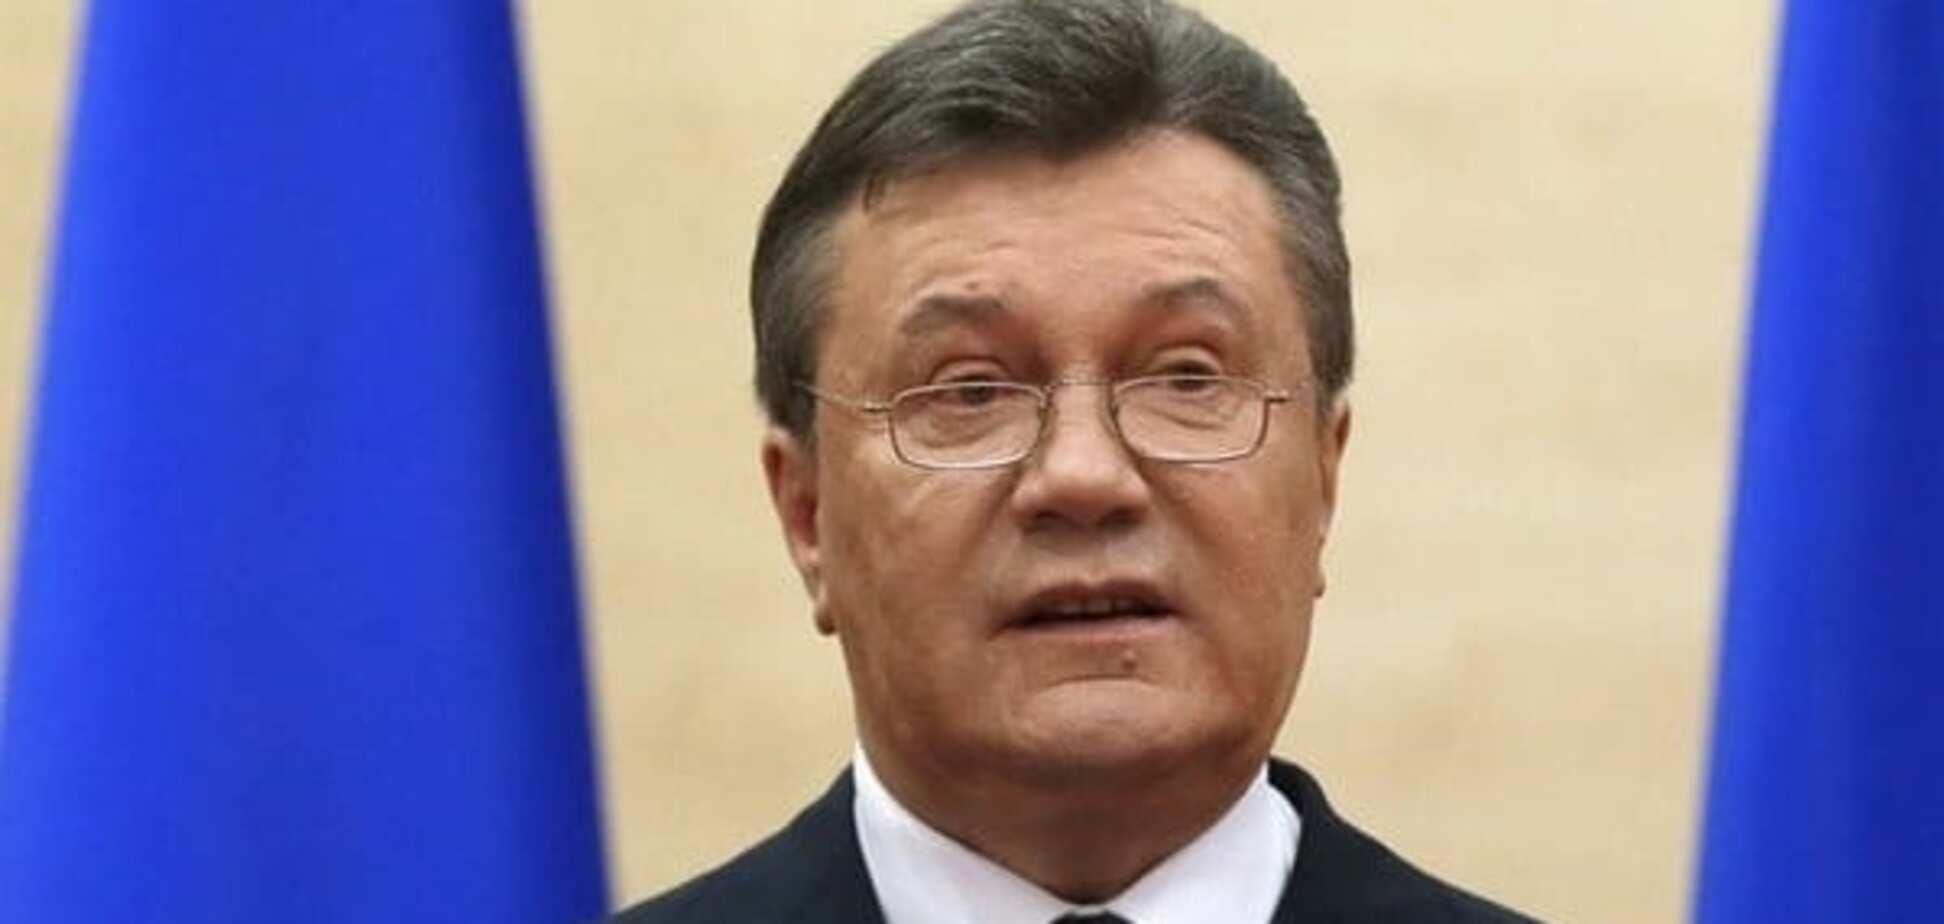 Суд ЕС обязал Украину выплатить Януковичу компенсацию за судебные издержки